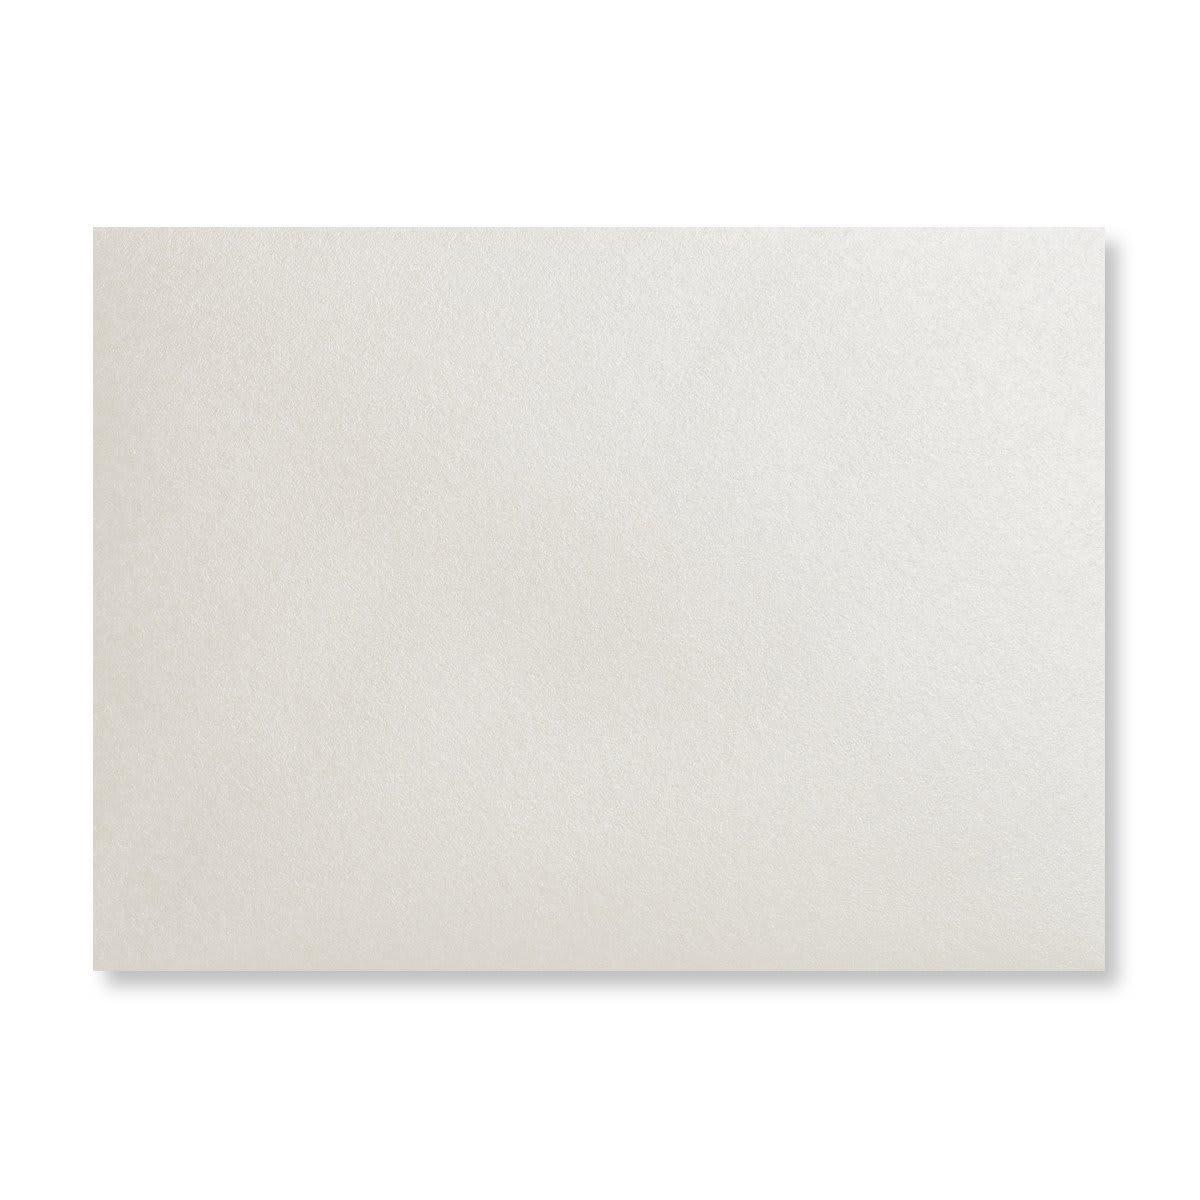 C7 PEARL OYSTER WHITE ENVELOPES